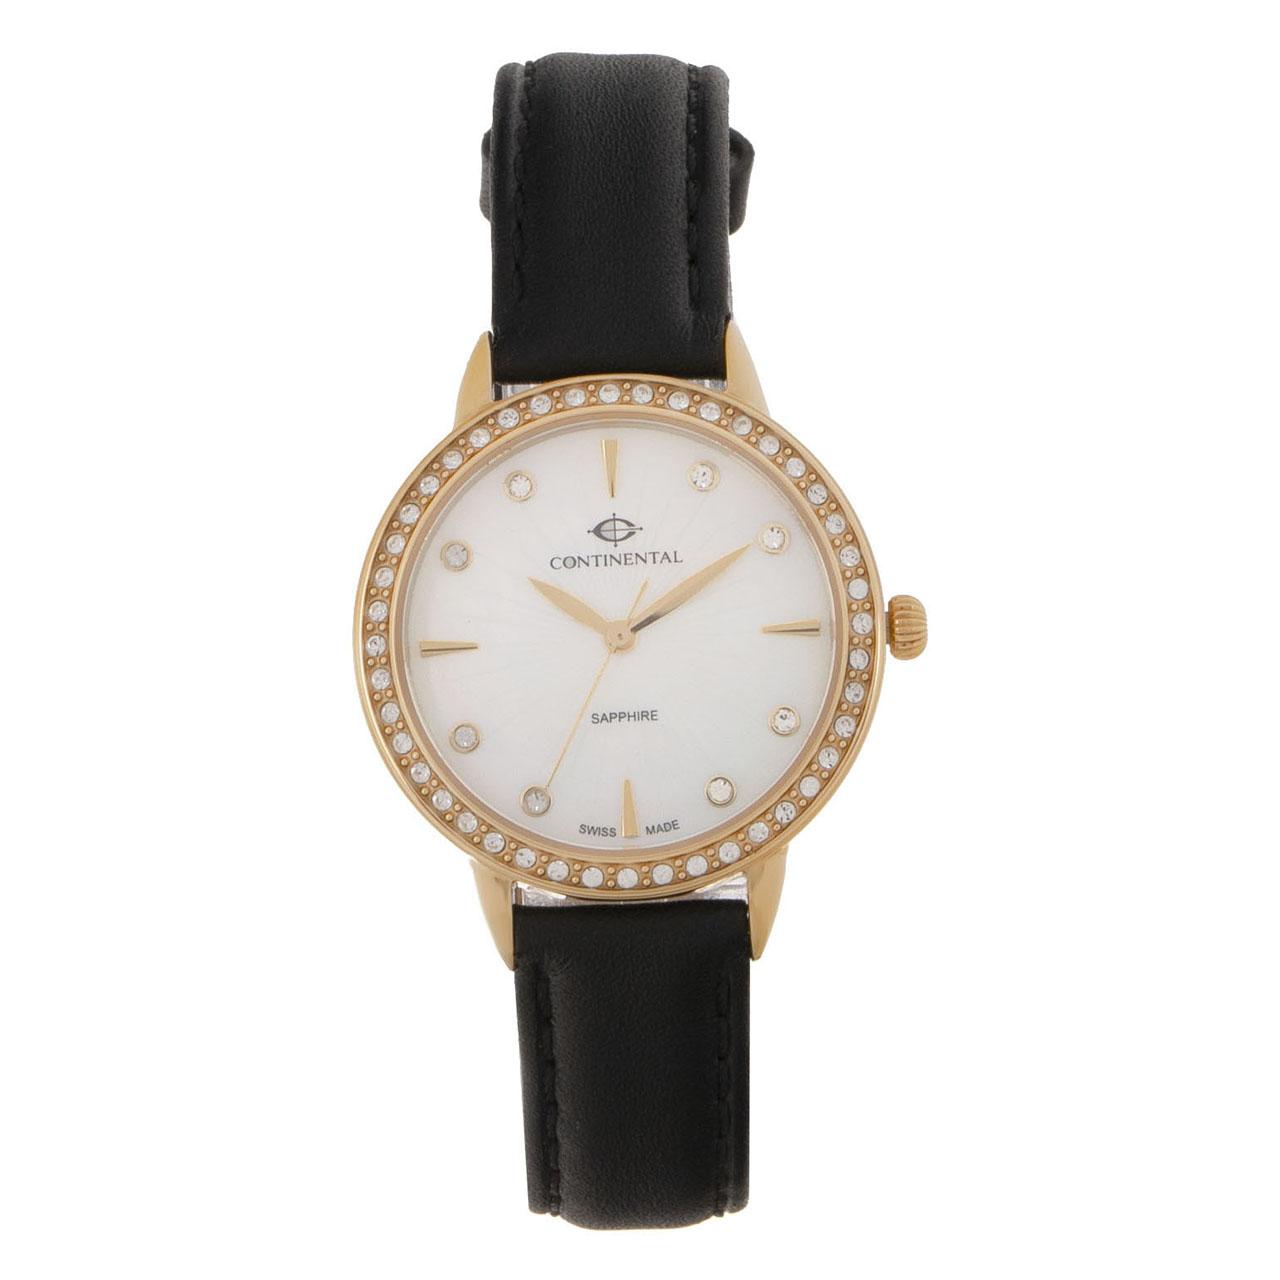 ساعت مچی عقربه ای زنانه کنتیننتال مدل 17102-G255D 9